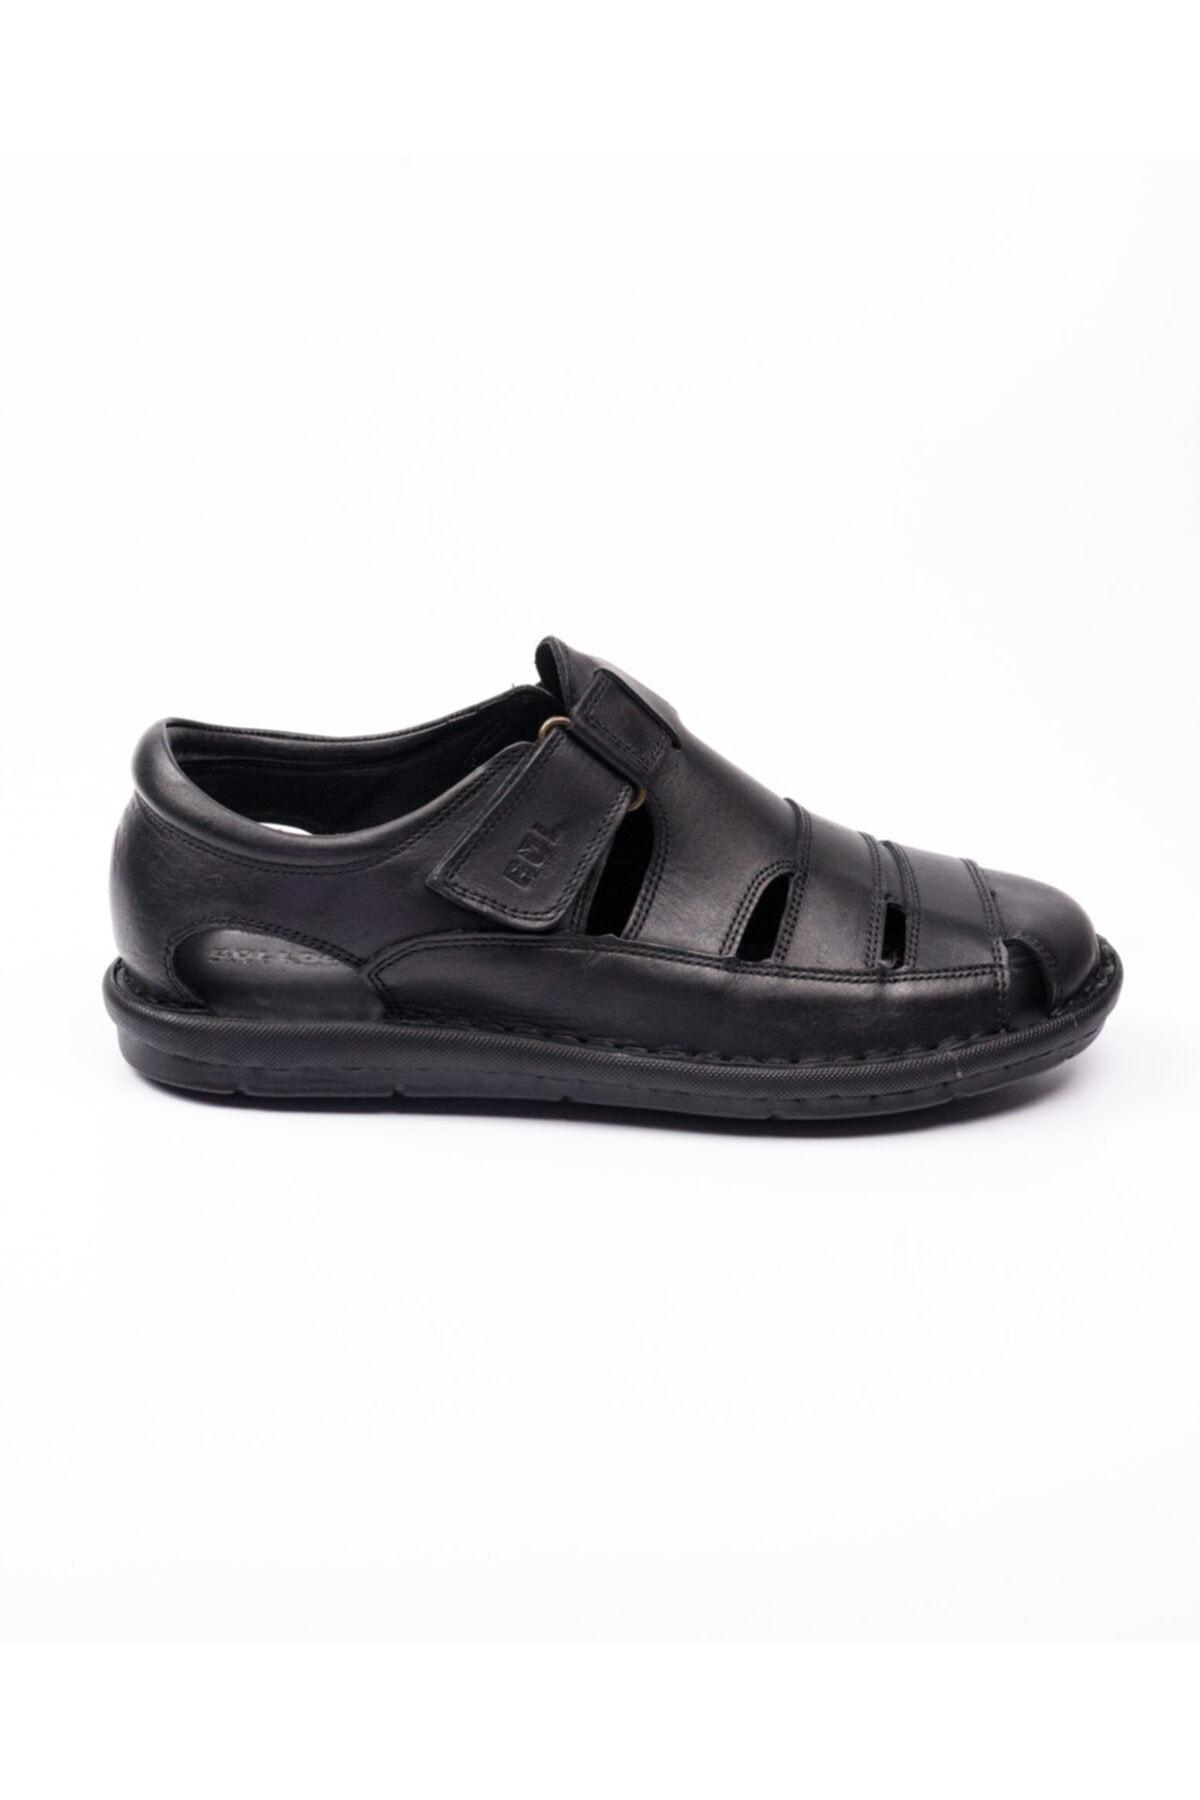 Bulldozer 201843 Siyah Deri Erkek Sandalet Siyah-44 2